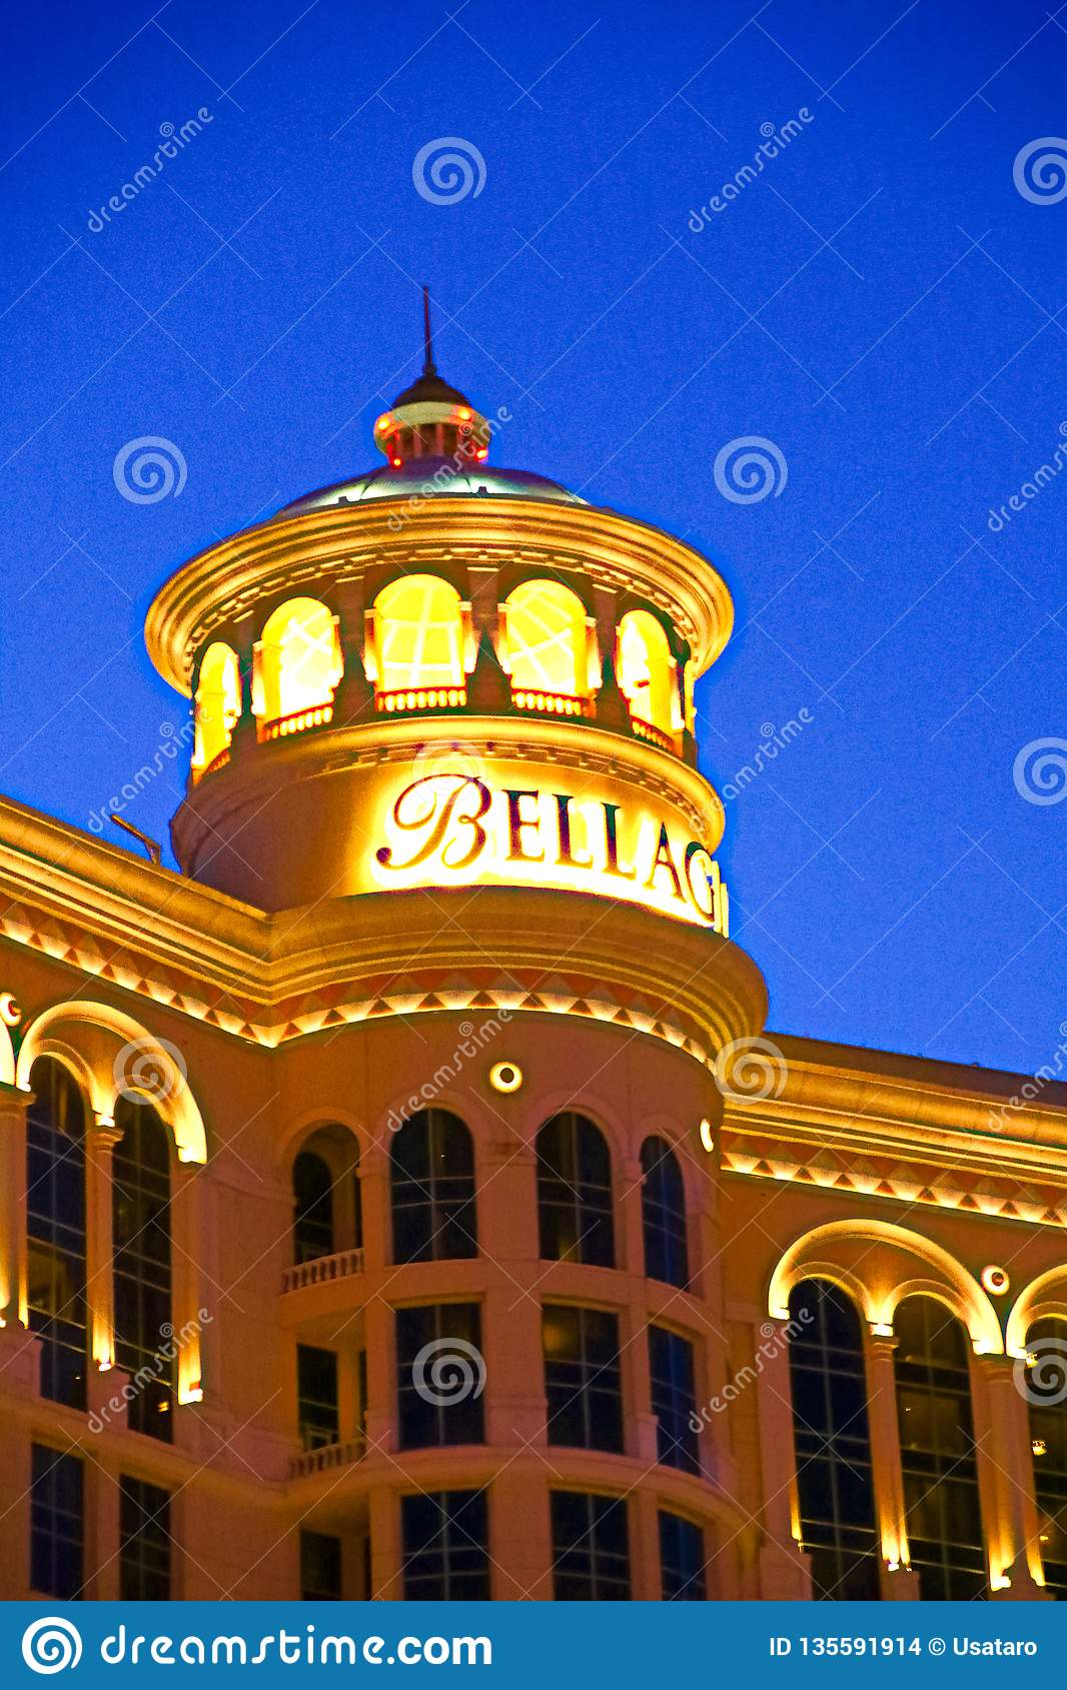 Hotel y casino de Bellagio con la cubierta superior del exterior de la corona